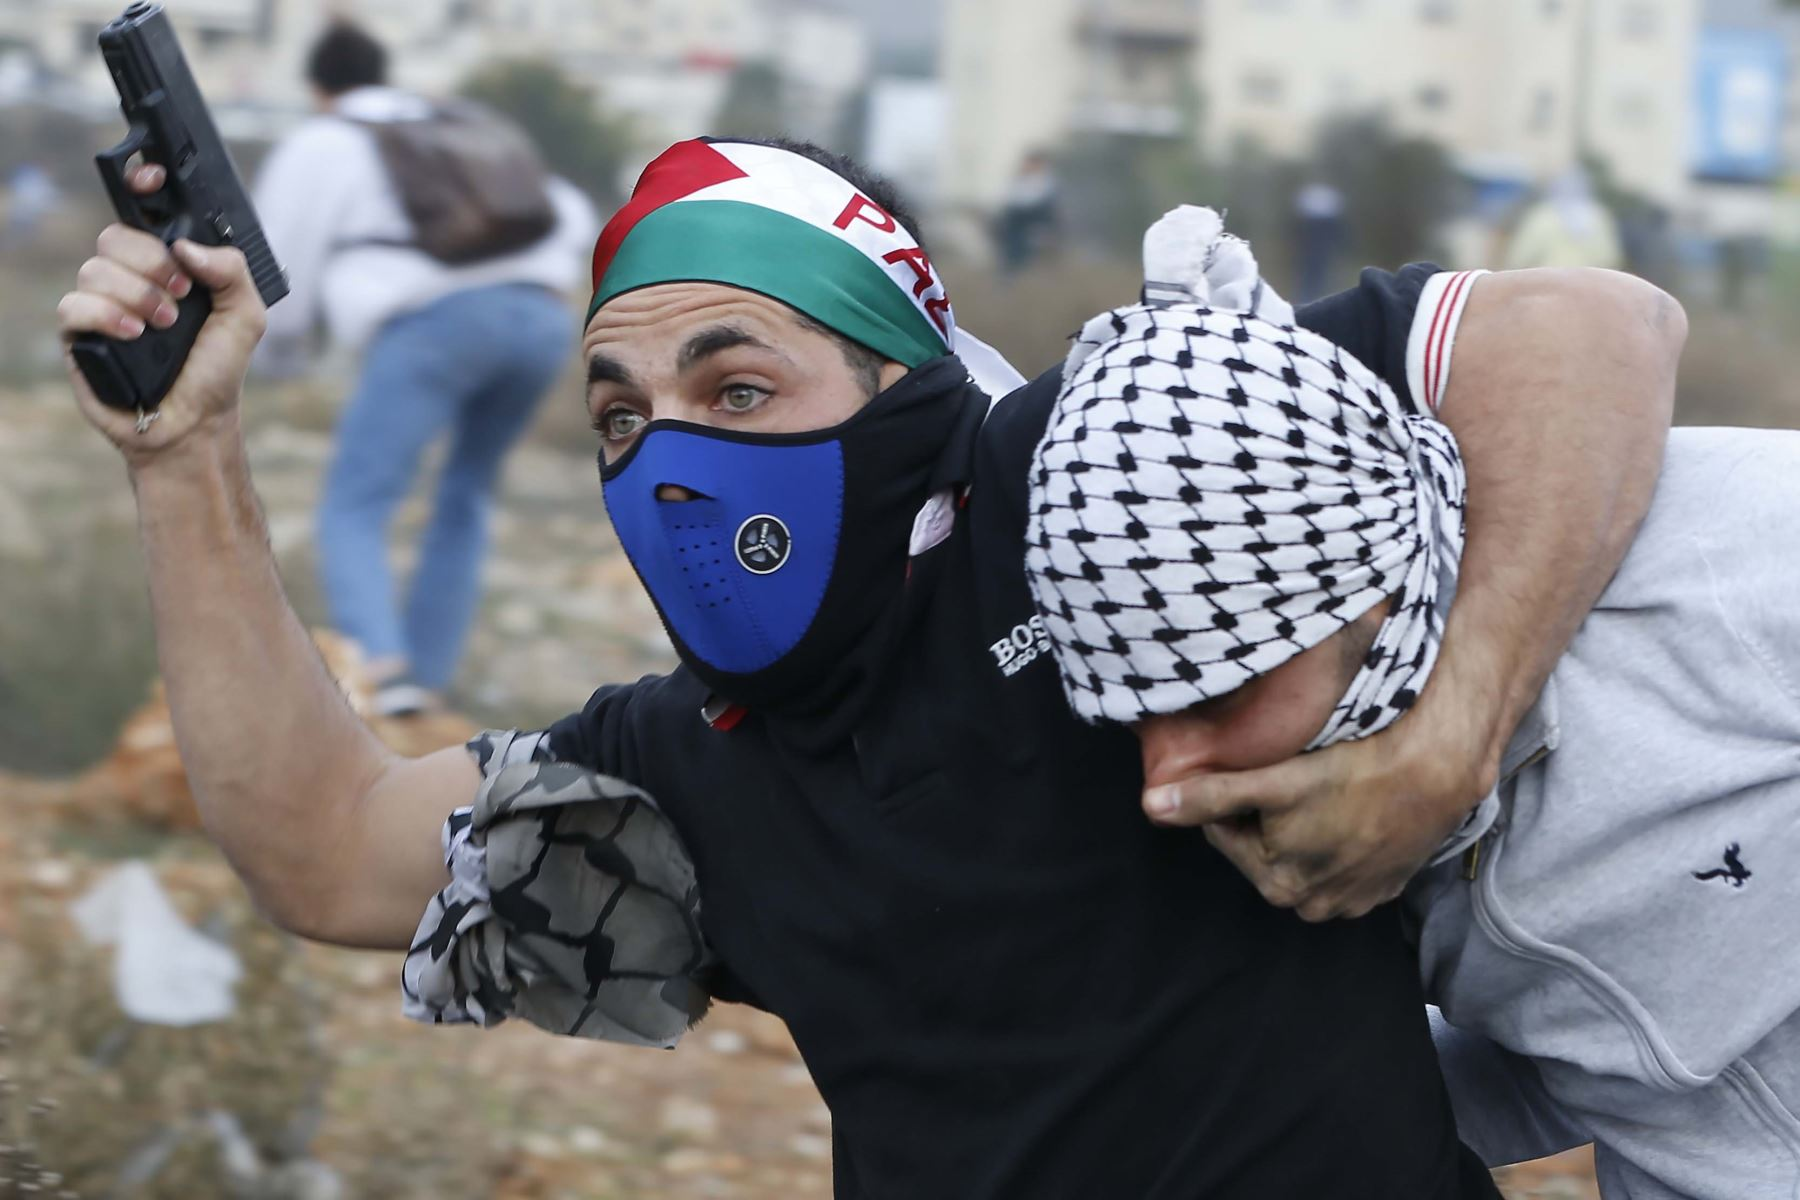 Policías encubiertos arrestan manifestantes palestinos en la ciudad Cisjordania. Foto: AFP